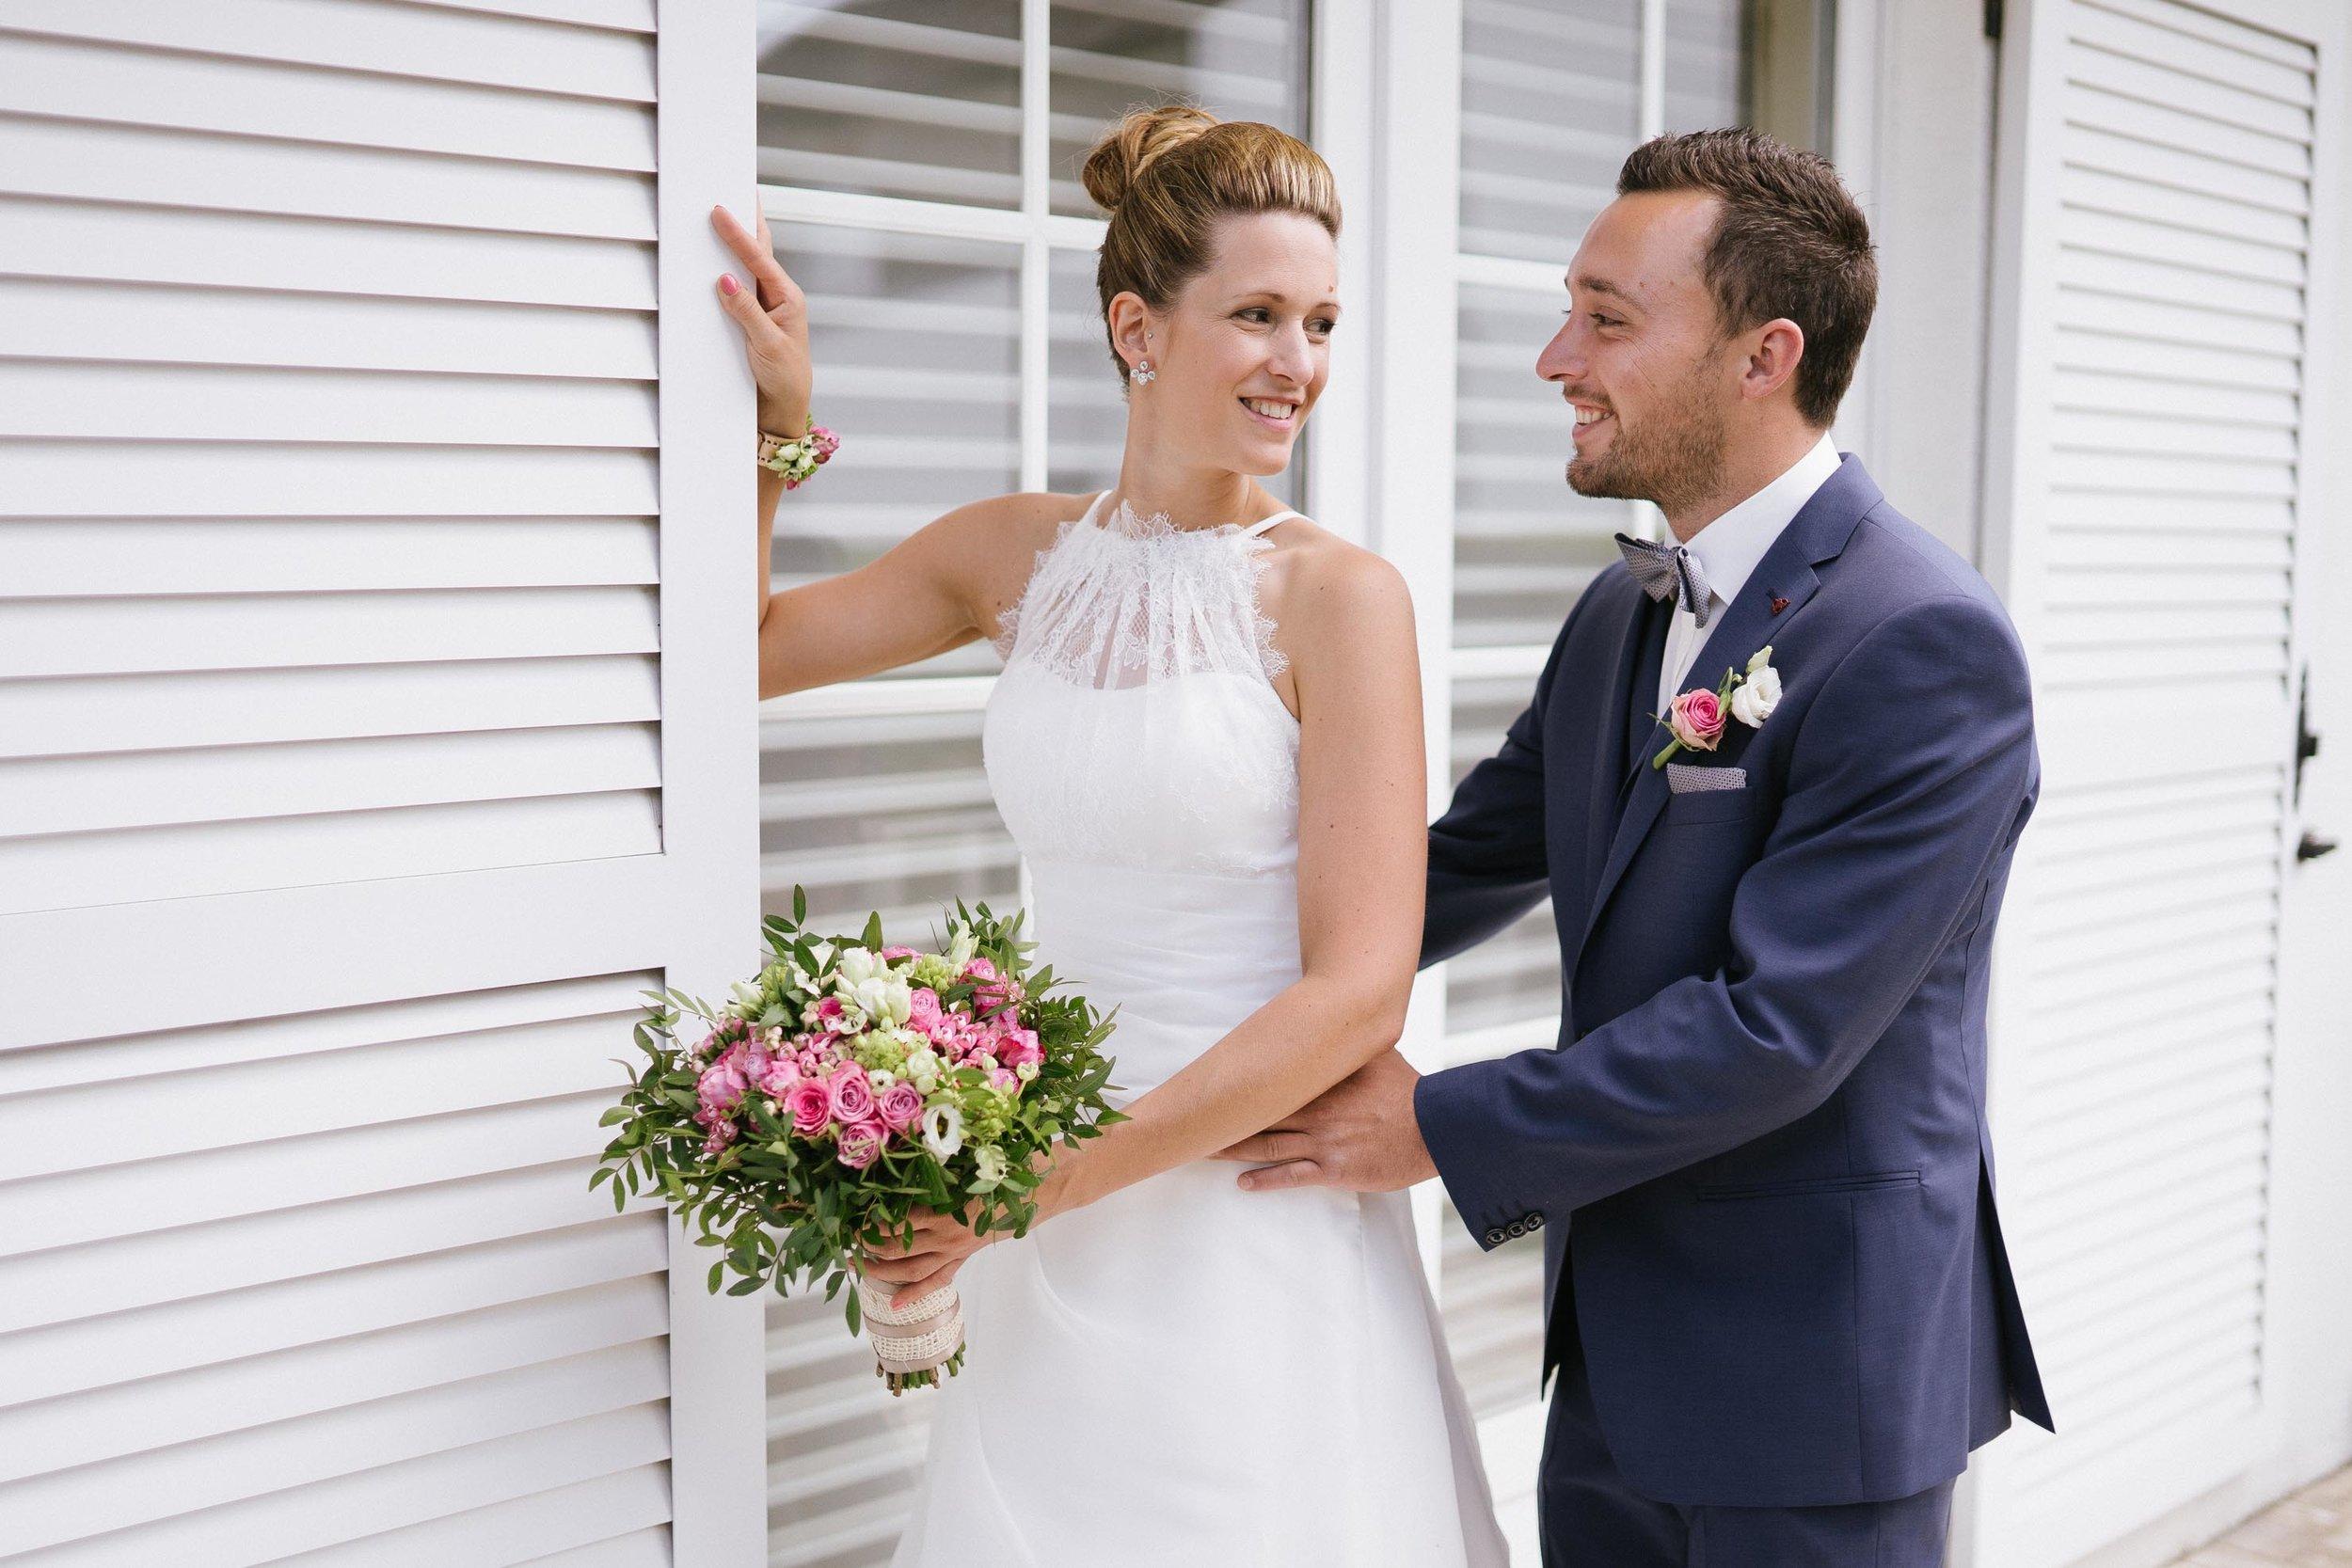 photographe-videaste-bruxelles-mariage-leleu-7.jpg